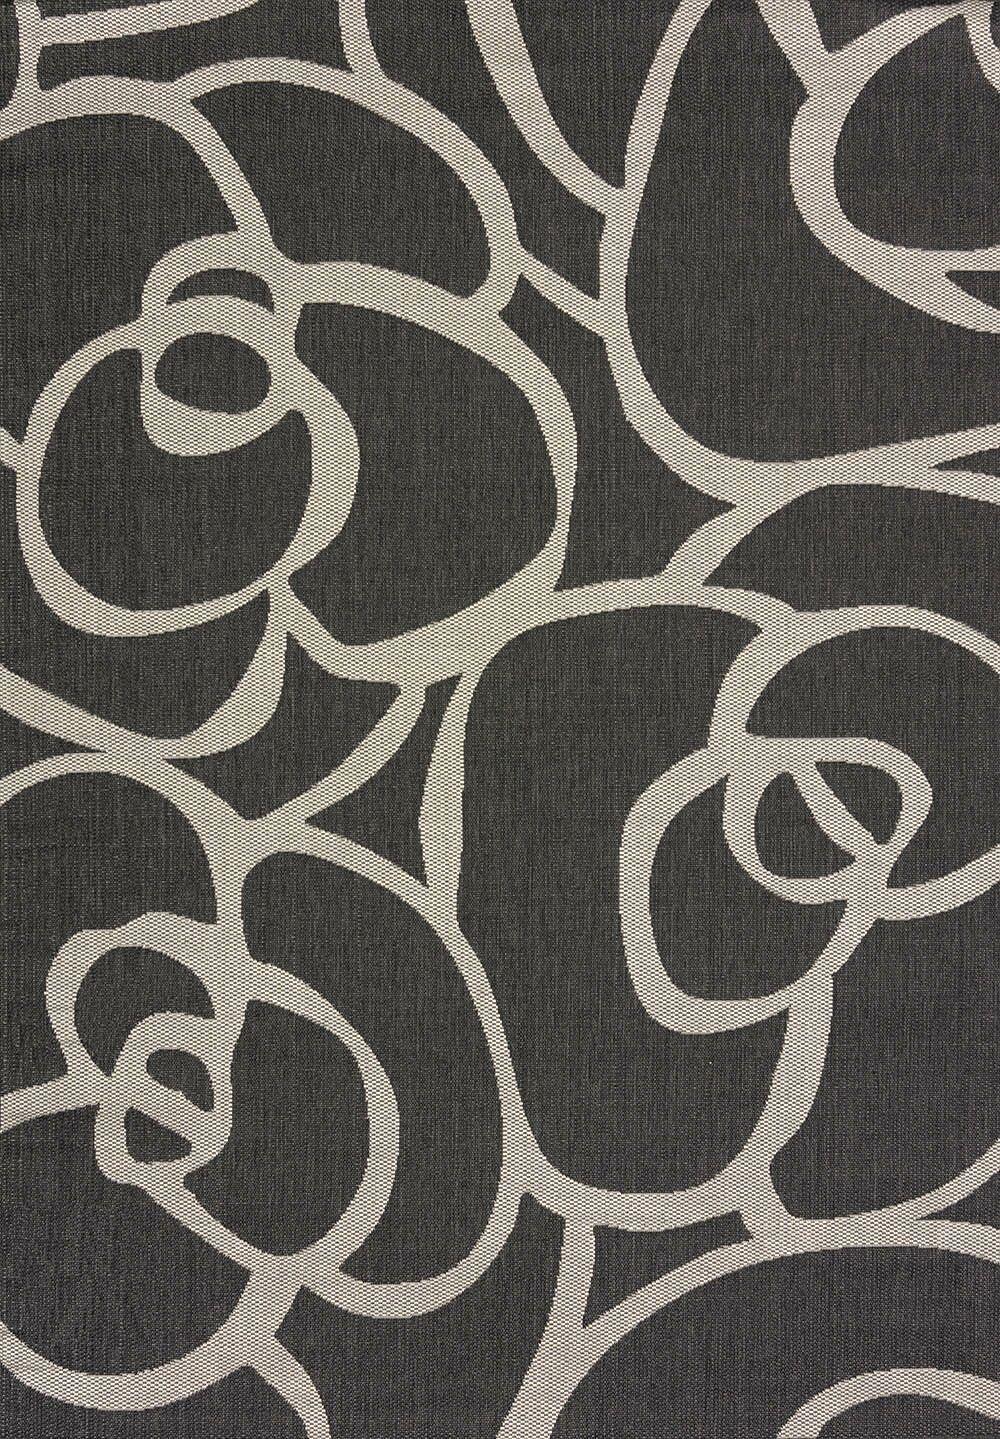 Solarium Silver Veranda Indoor/Outdoor Area Rug Rug Size: 5'3